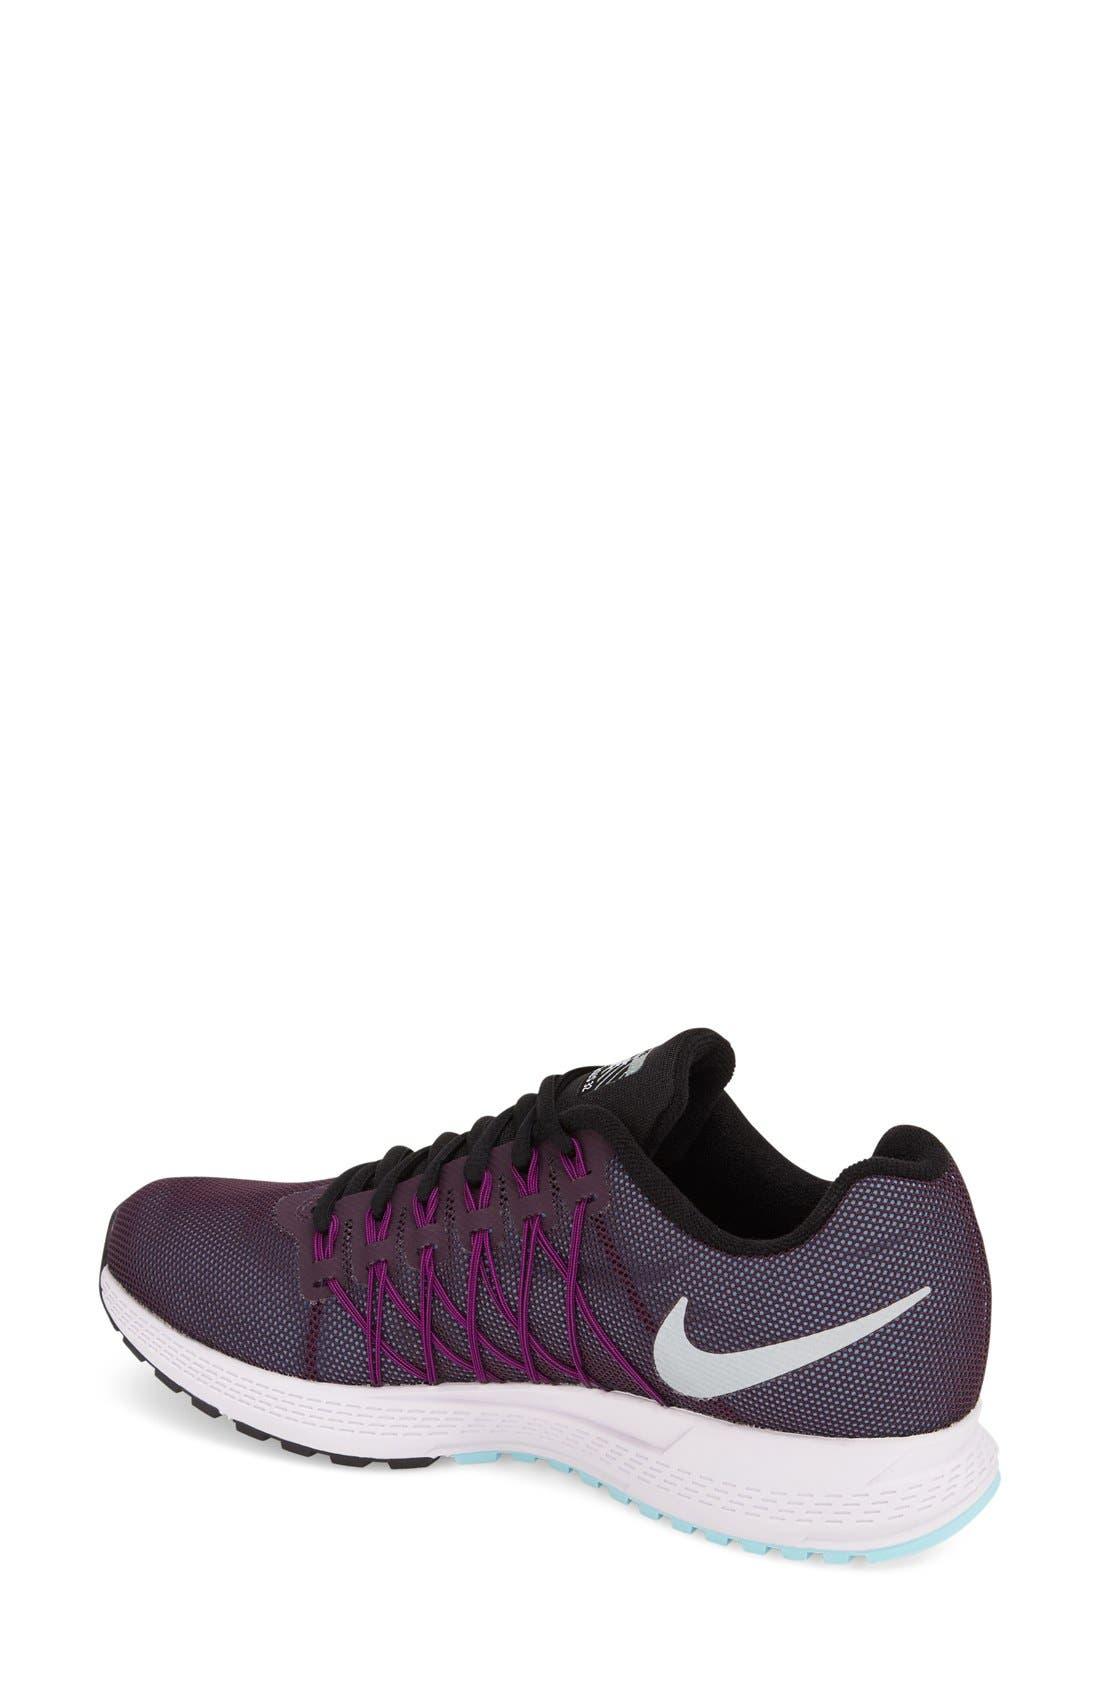 Alternate Image 2  - Nike 'Zoom Pegasus 32 - Flash' h2o Repel Running Shoe (Women)